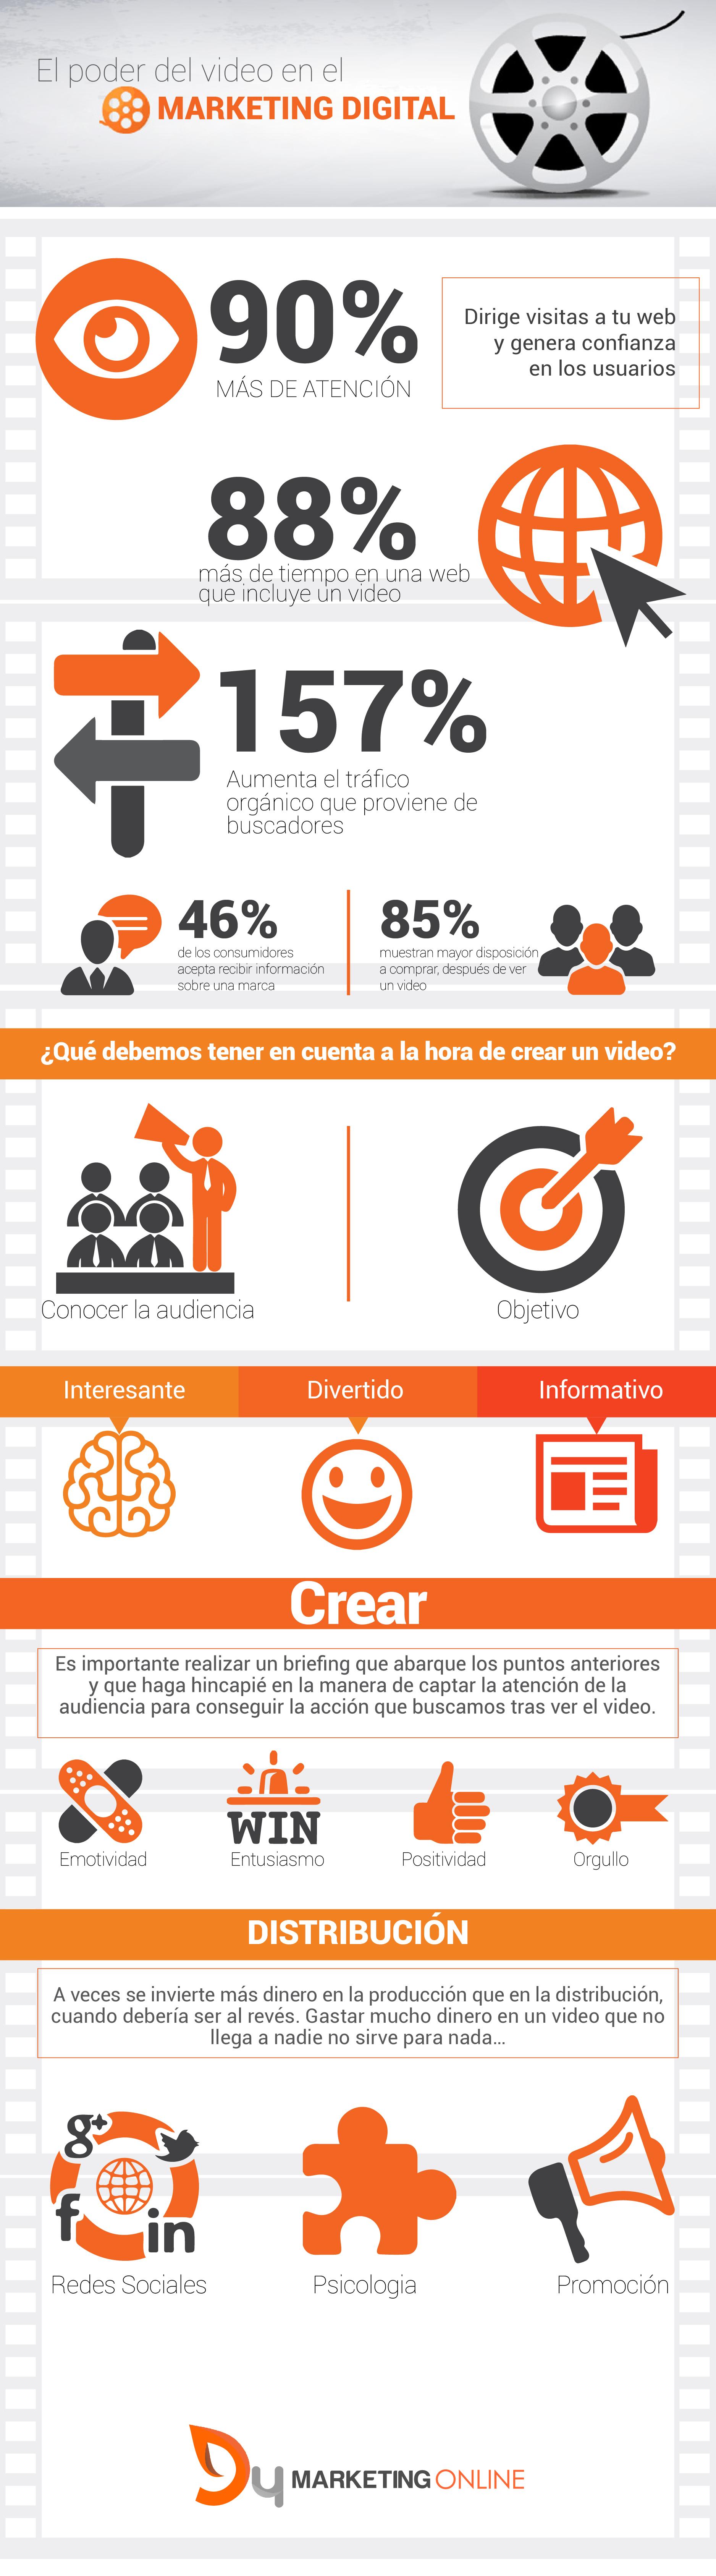 video en el marketing digital